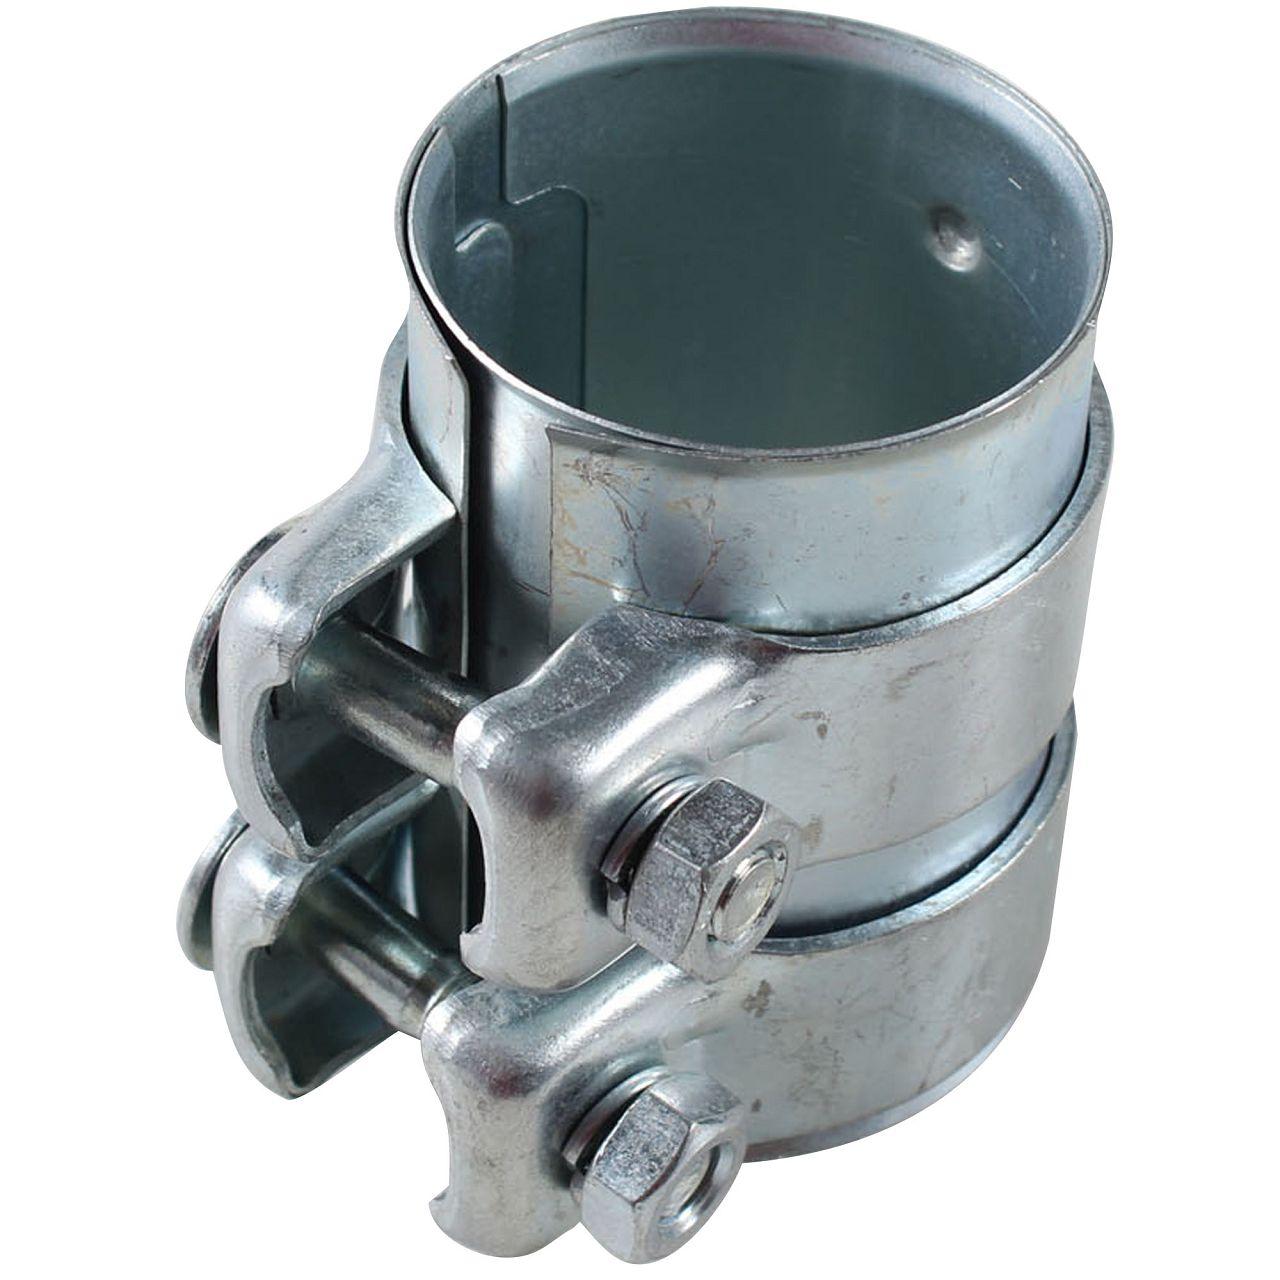 Rohrverbinder Doppelschelle Auspuff Abgasanlage Ø 60 mm x Länge 95 mm